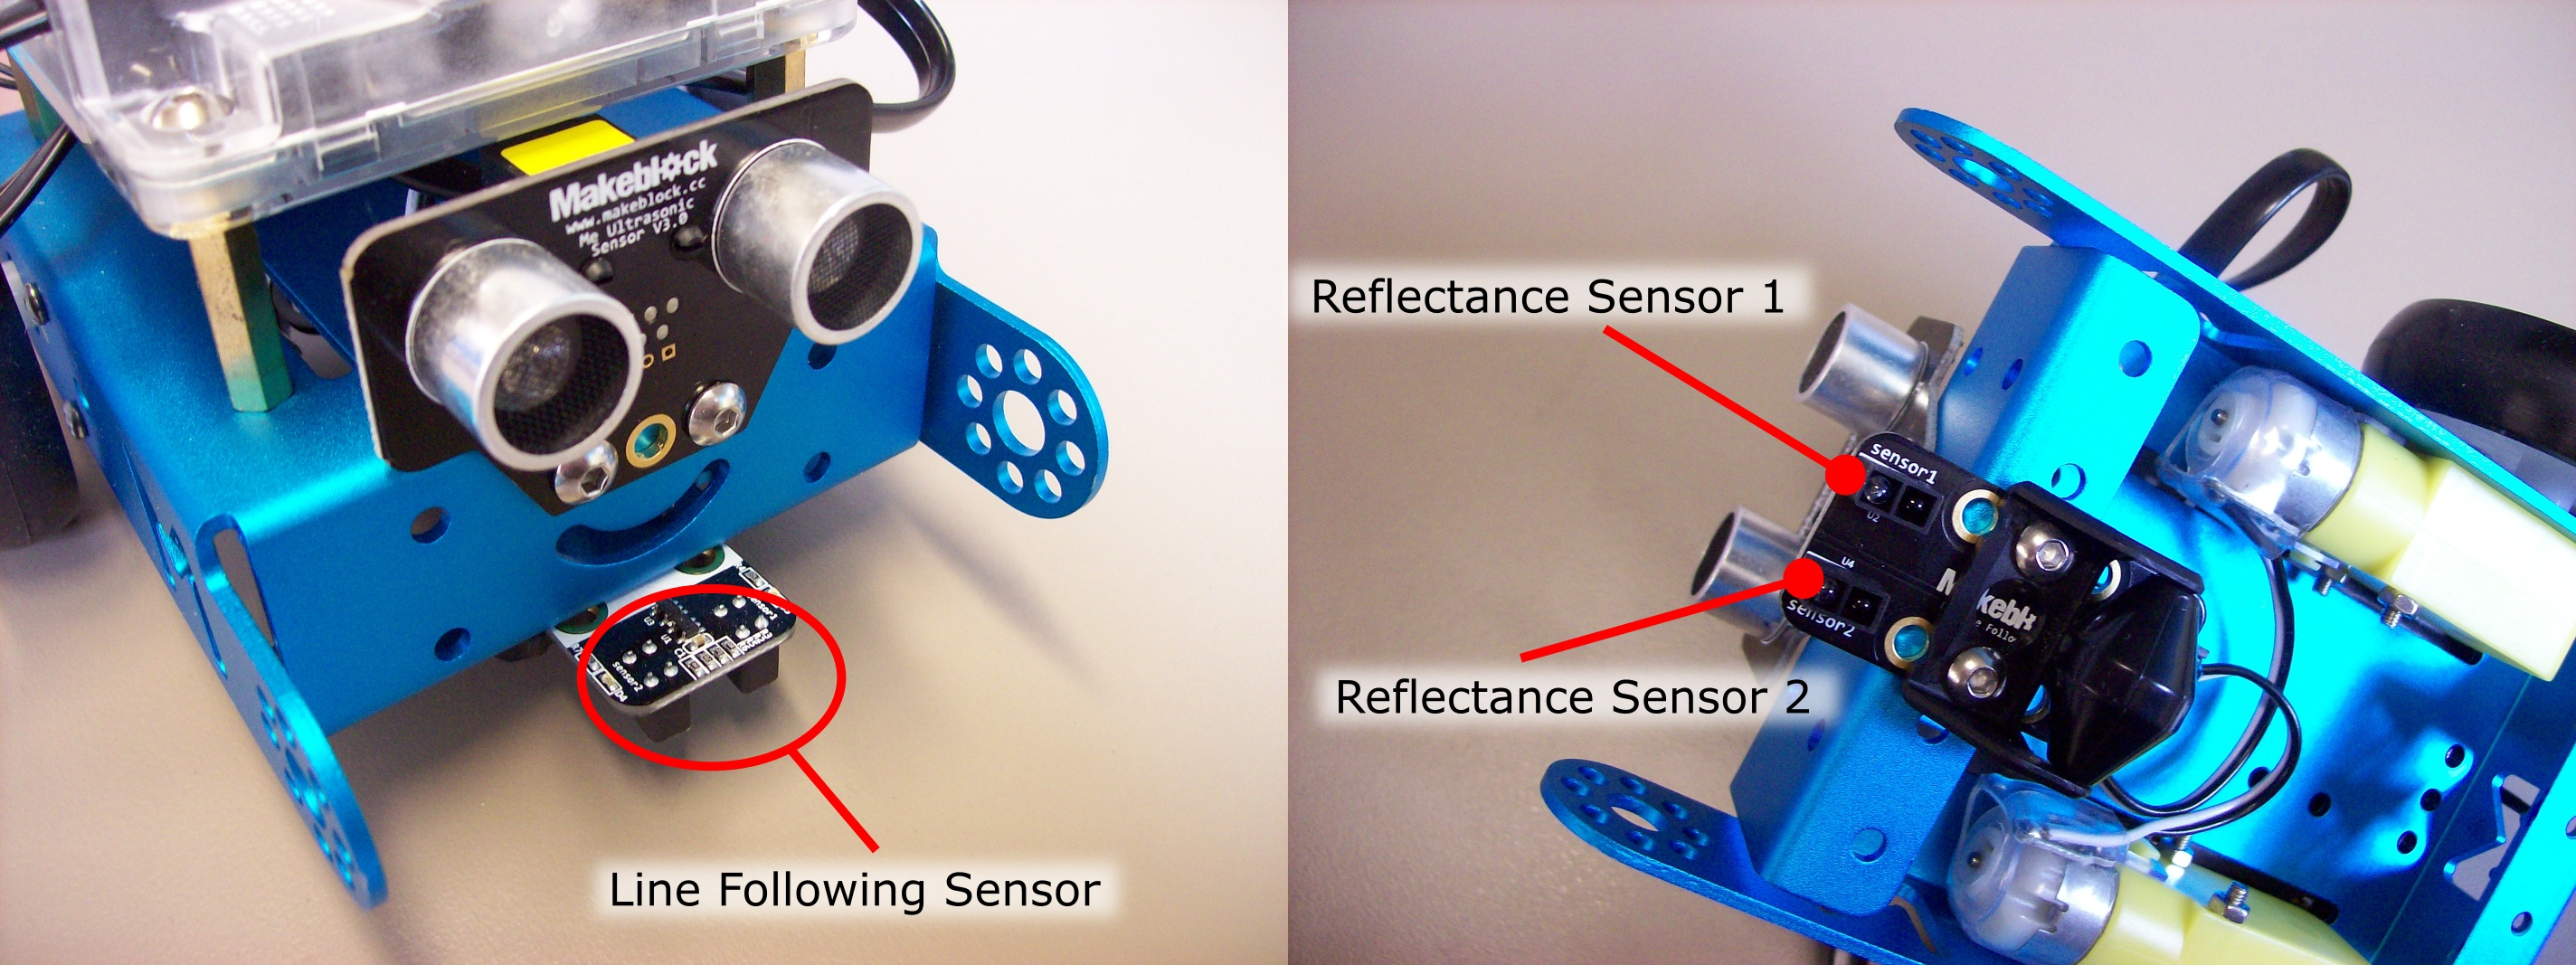 Robotics 1e - More mBot Sensors